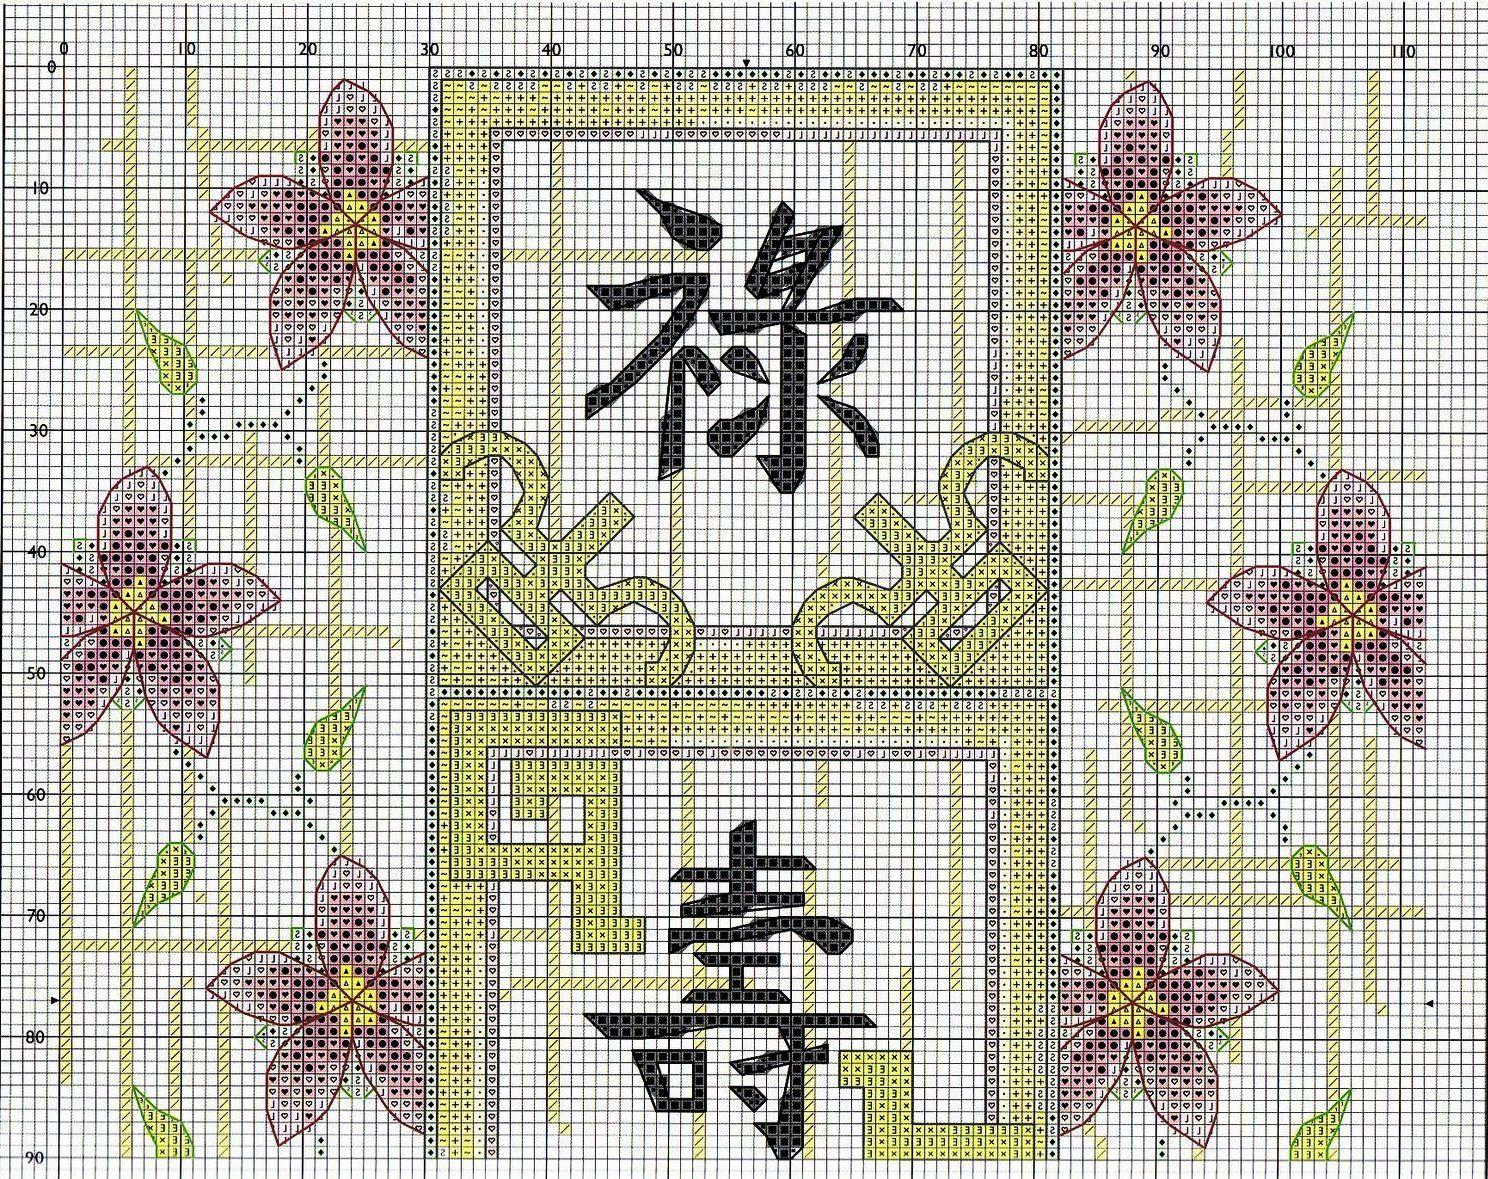 Иероглифы схемы вышивки крестом 3